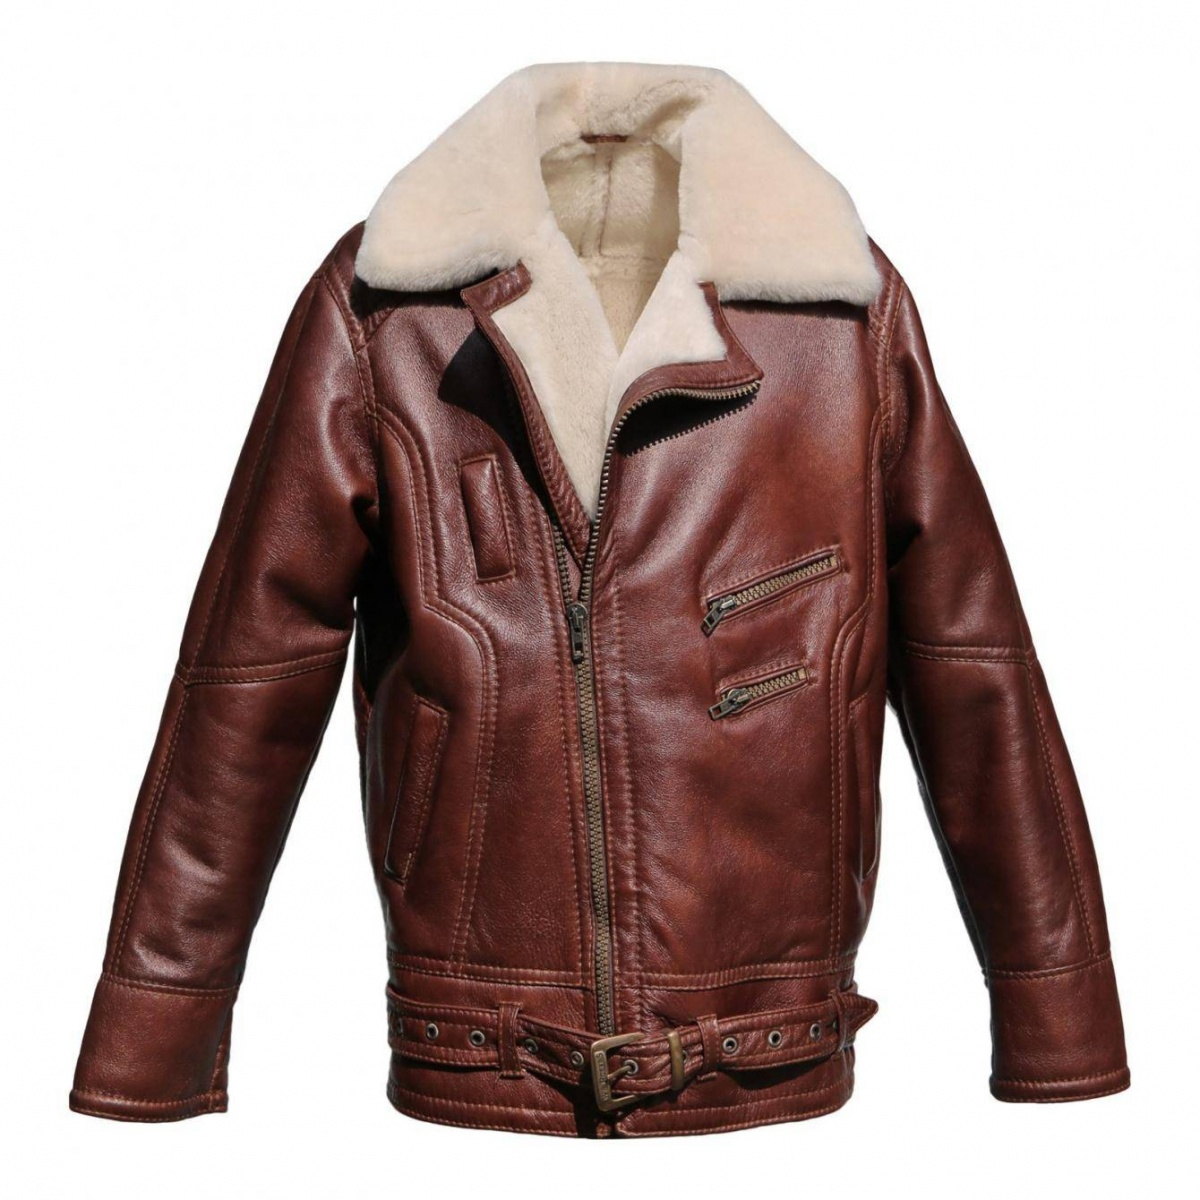 Leather sheepskin bomber jacket